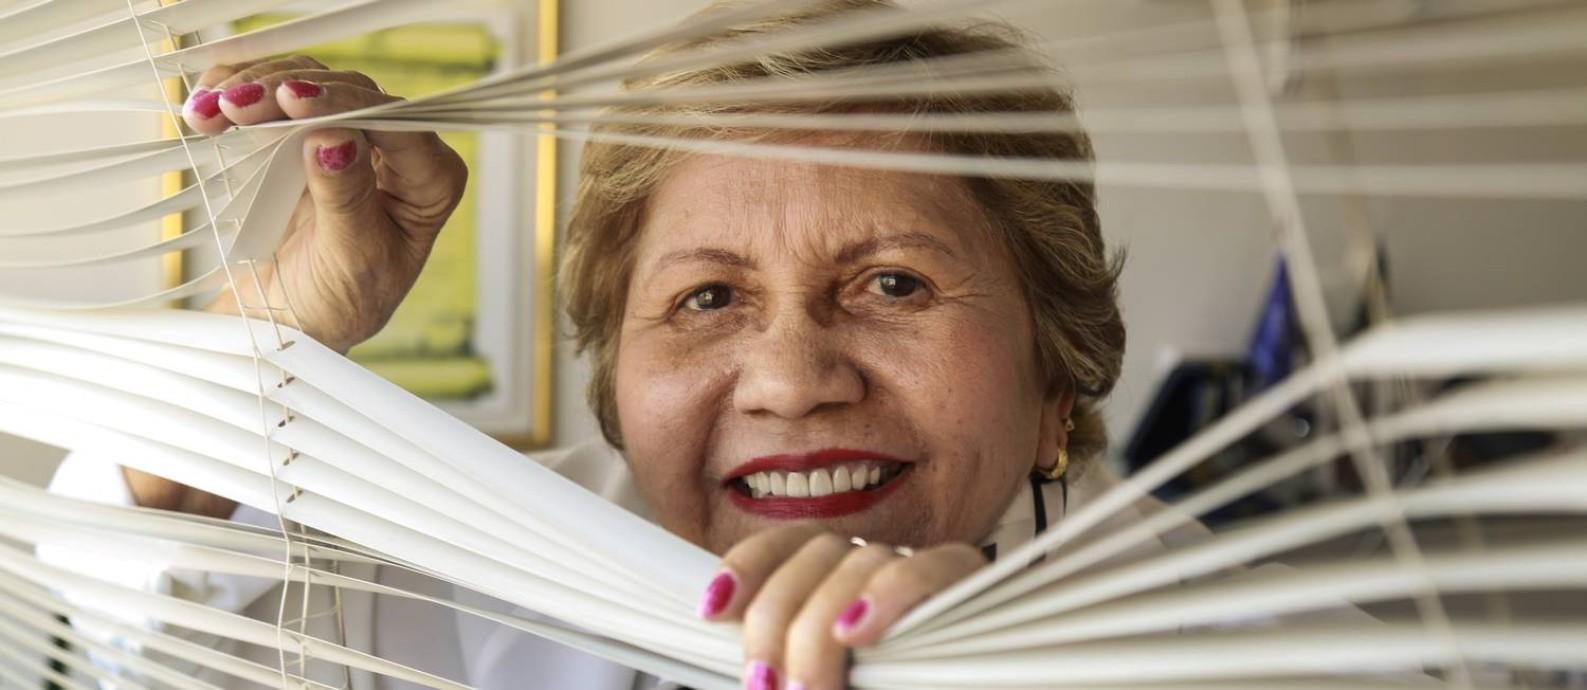 Iracema Pacífico: uma história de auto-ajuda Foto: Marcos Ramos / Agência O Globo